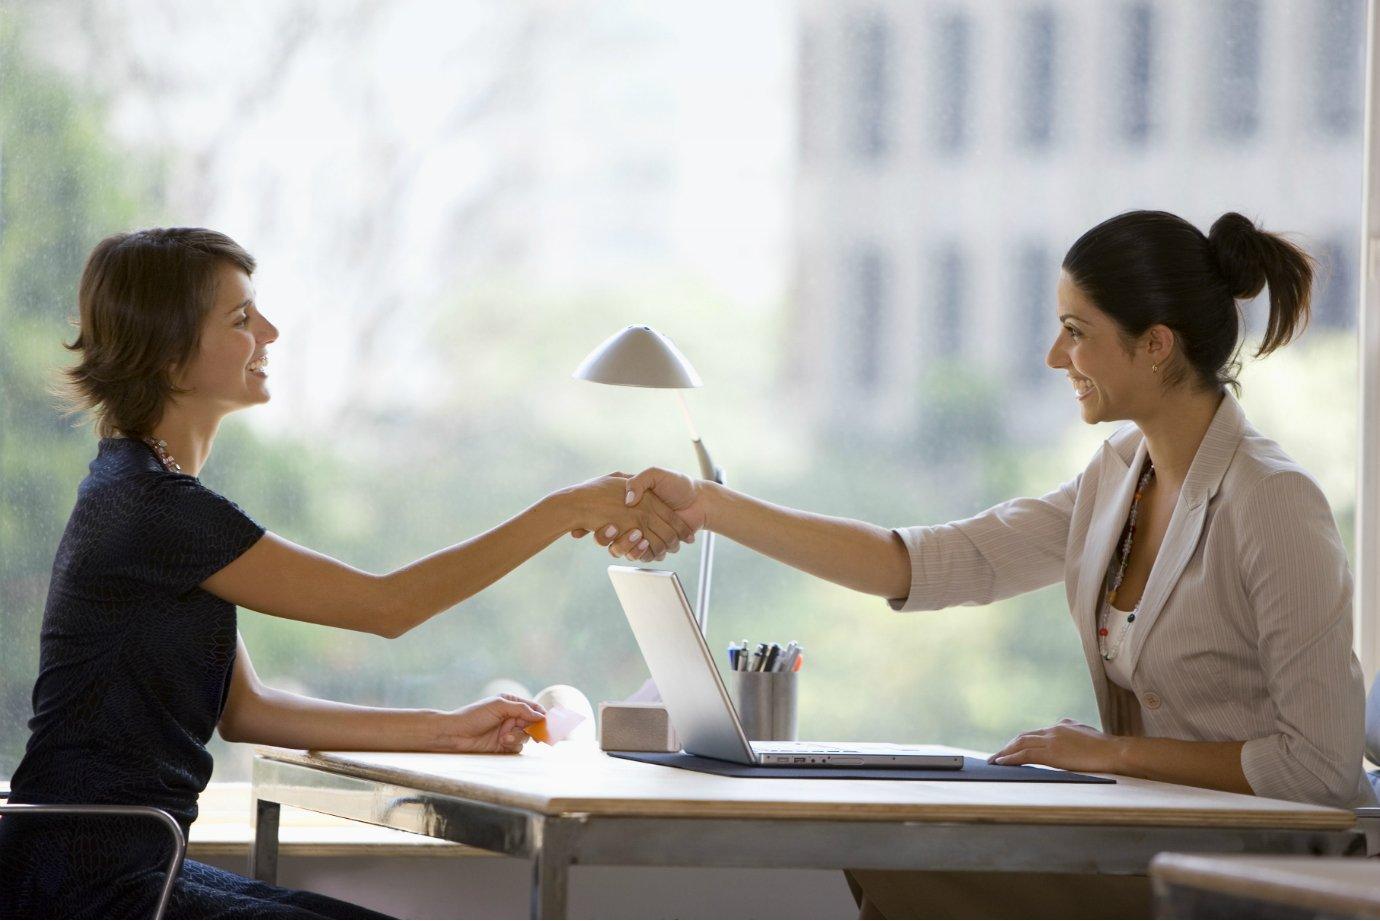 Mulheres fecham acordo: negociação, aperto de mãos